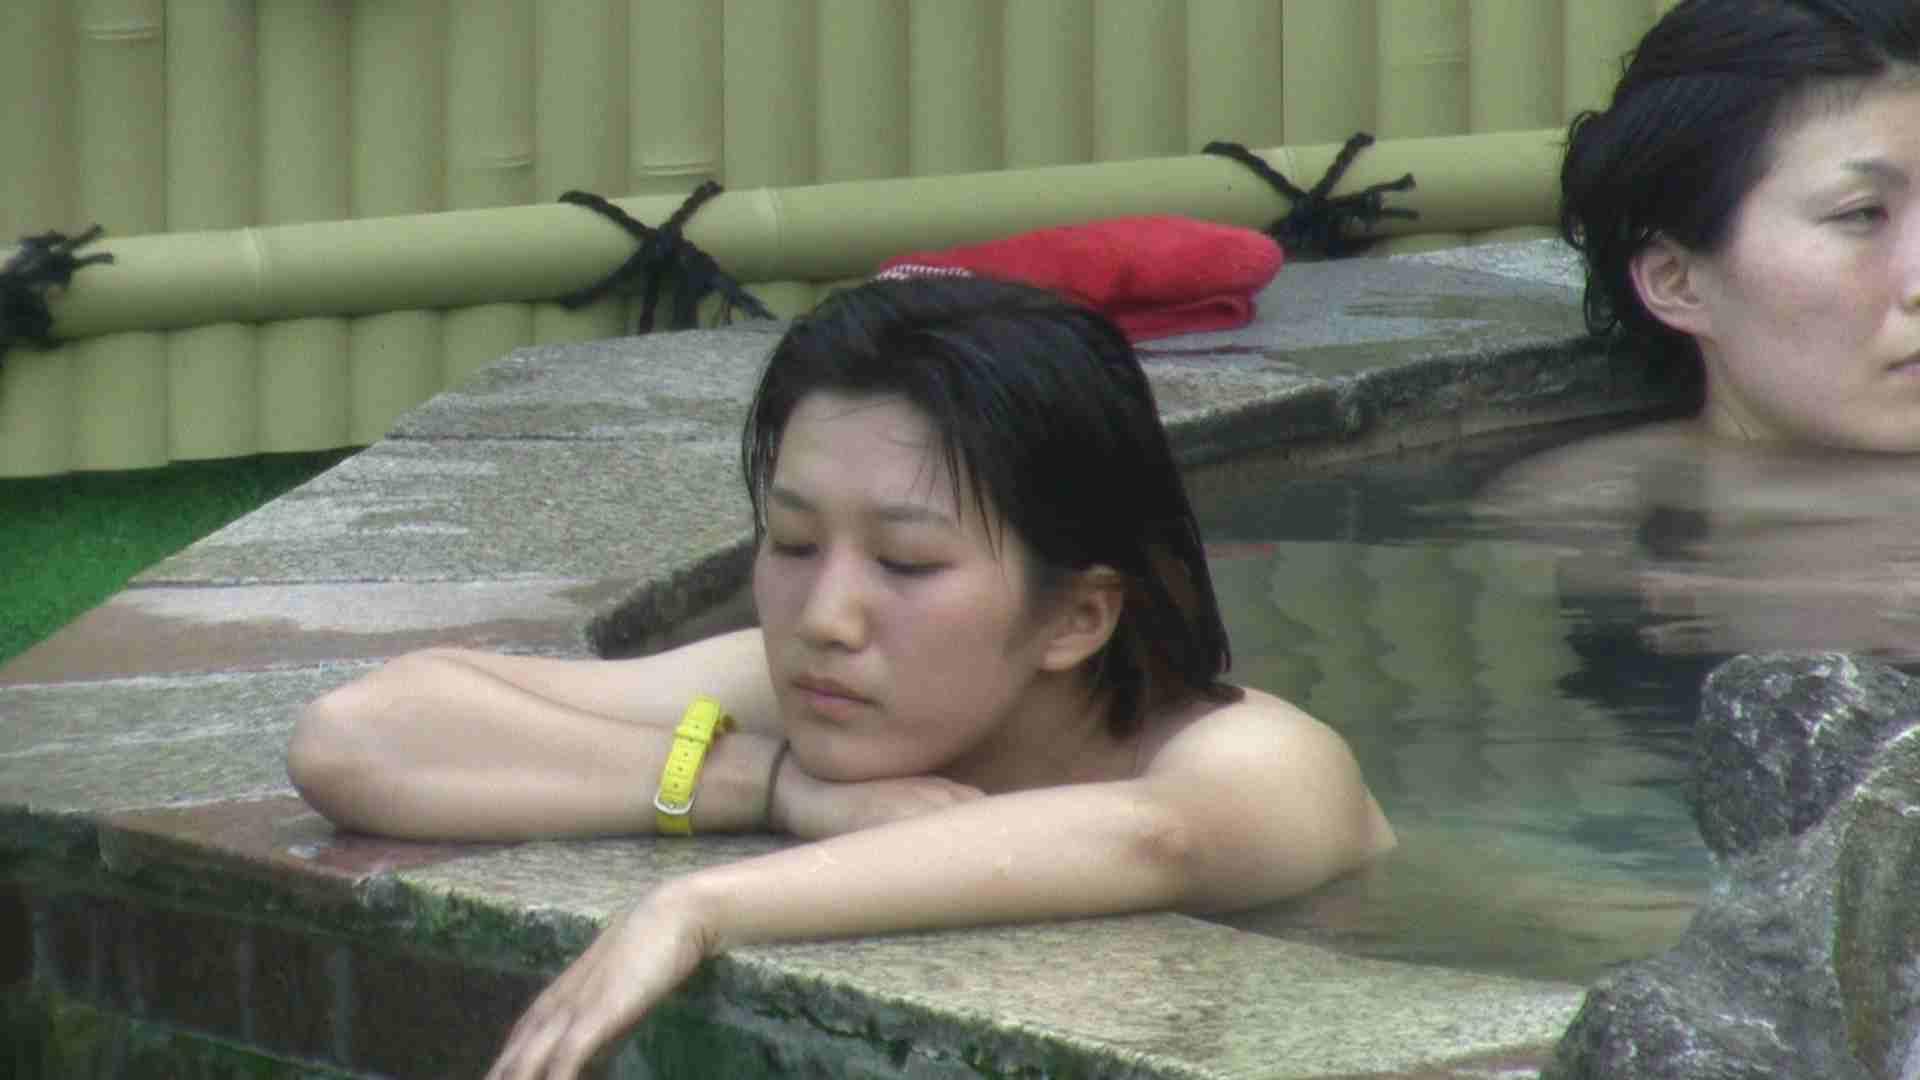 Aquaな露天風呂Vol.132 露天 | 盗撮特集  100画像 82